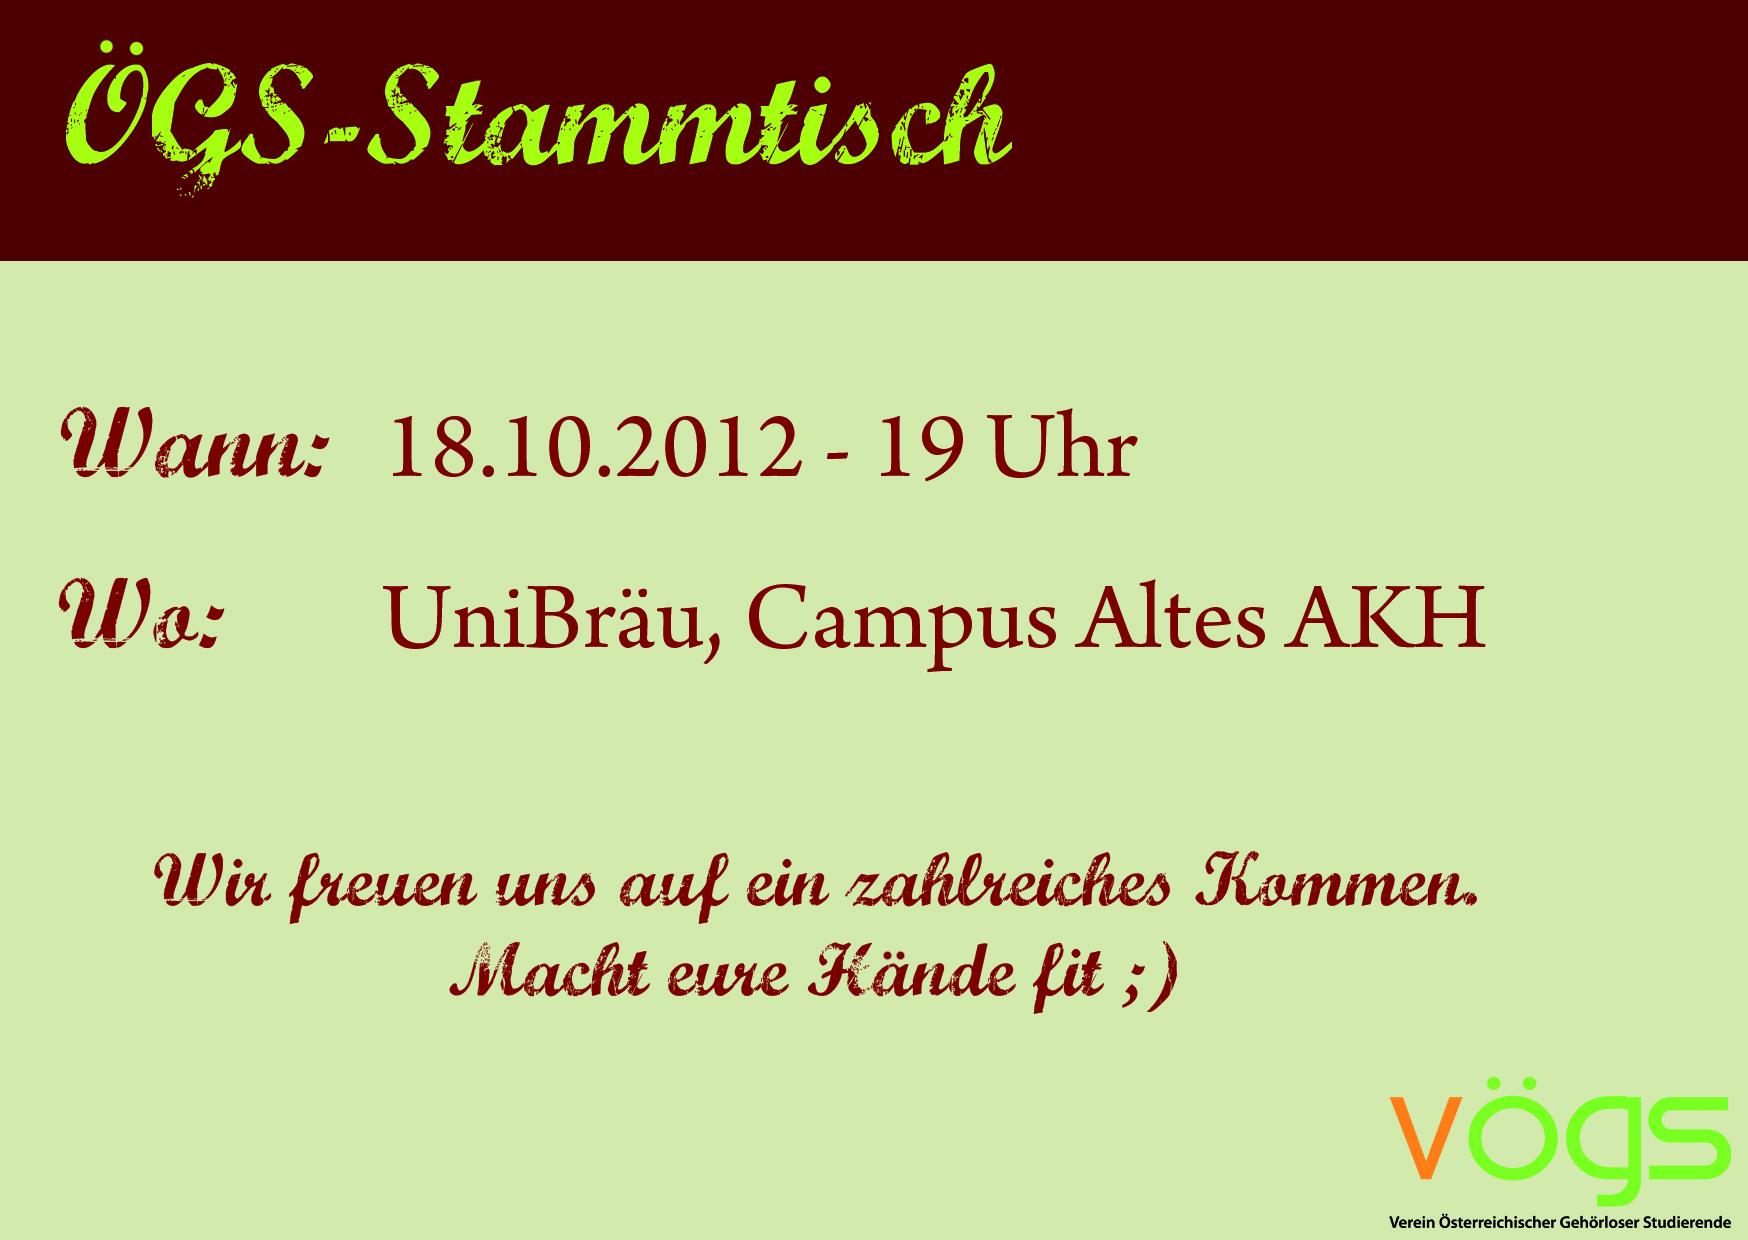 ÖGS-Stammtisch_V3